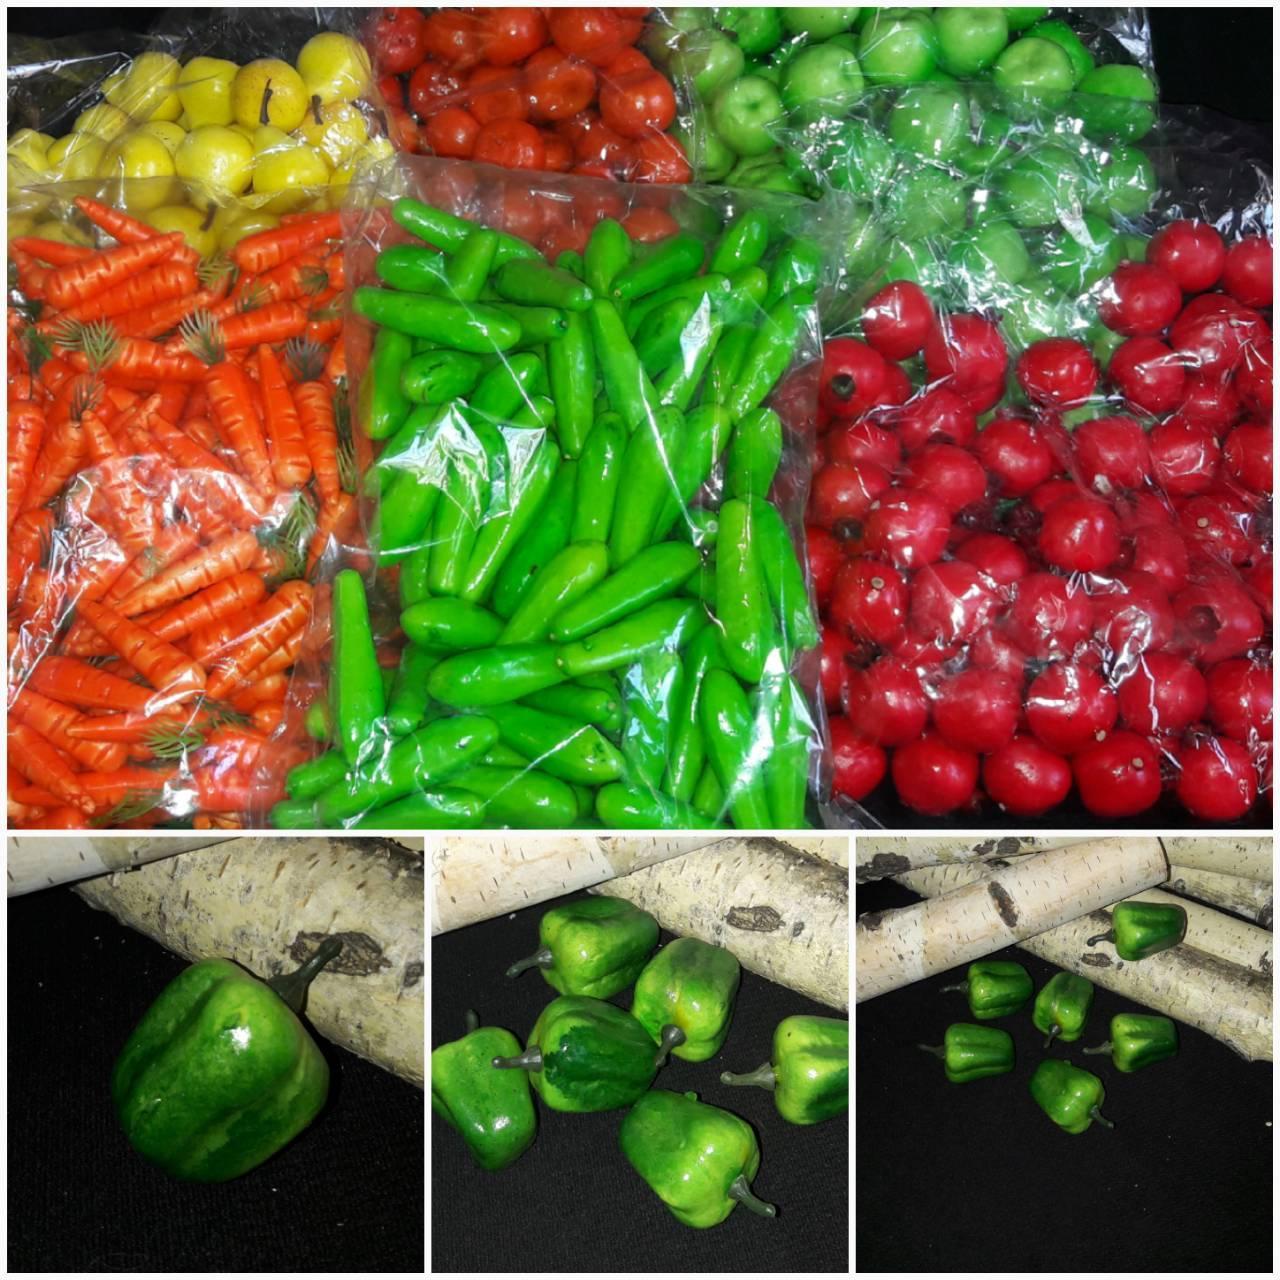 Болгарский перец зеленого цвета, пенопласт, выс. 3.5 см., 50 шт., 125 грн.